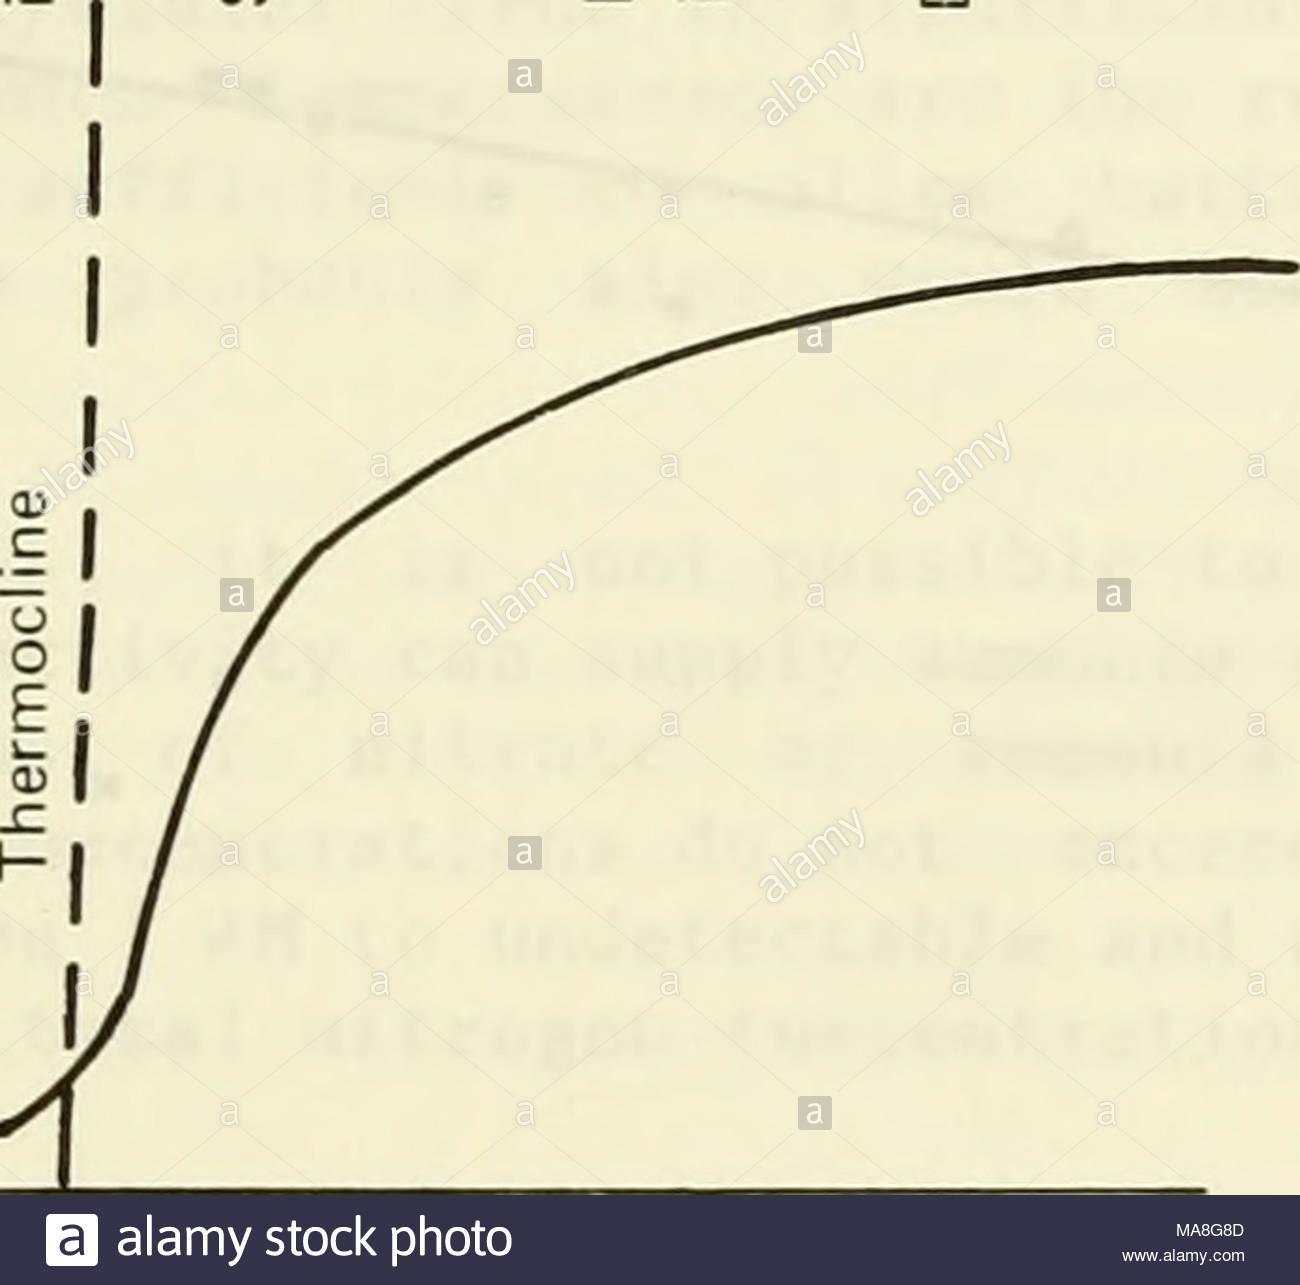 eine okologische charakterisierung von kustenmaine nordlich und ostlich von cape elizabeth a d o o c j 3 abl3 cr tfl qj 0 co h i d en4 j0 kn x q u a x qj c cu t c qj nj w s a c d o co h 4 1 4 1 co o ich ich o4 j en c ex dj qj ein qj c x o c2 o qj abl j ij 4 1 co u cjo 4 1 c h h c qj t 3 u c c co0 j3 m qj u4 i qj zu 4 j s co3 m l o qj x h4j s i q abl e a qj c x01 4 1 0 s3l4 ltt 3 4 j o qj cu x xi u tn qj h a 4 1 ih h u x xi 3tn i a c c od h o4j r zu 4 1 0 h d t 3 qj qj h h wj 1 qj 4 1 co3 o h c n ma8g8d